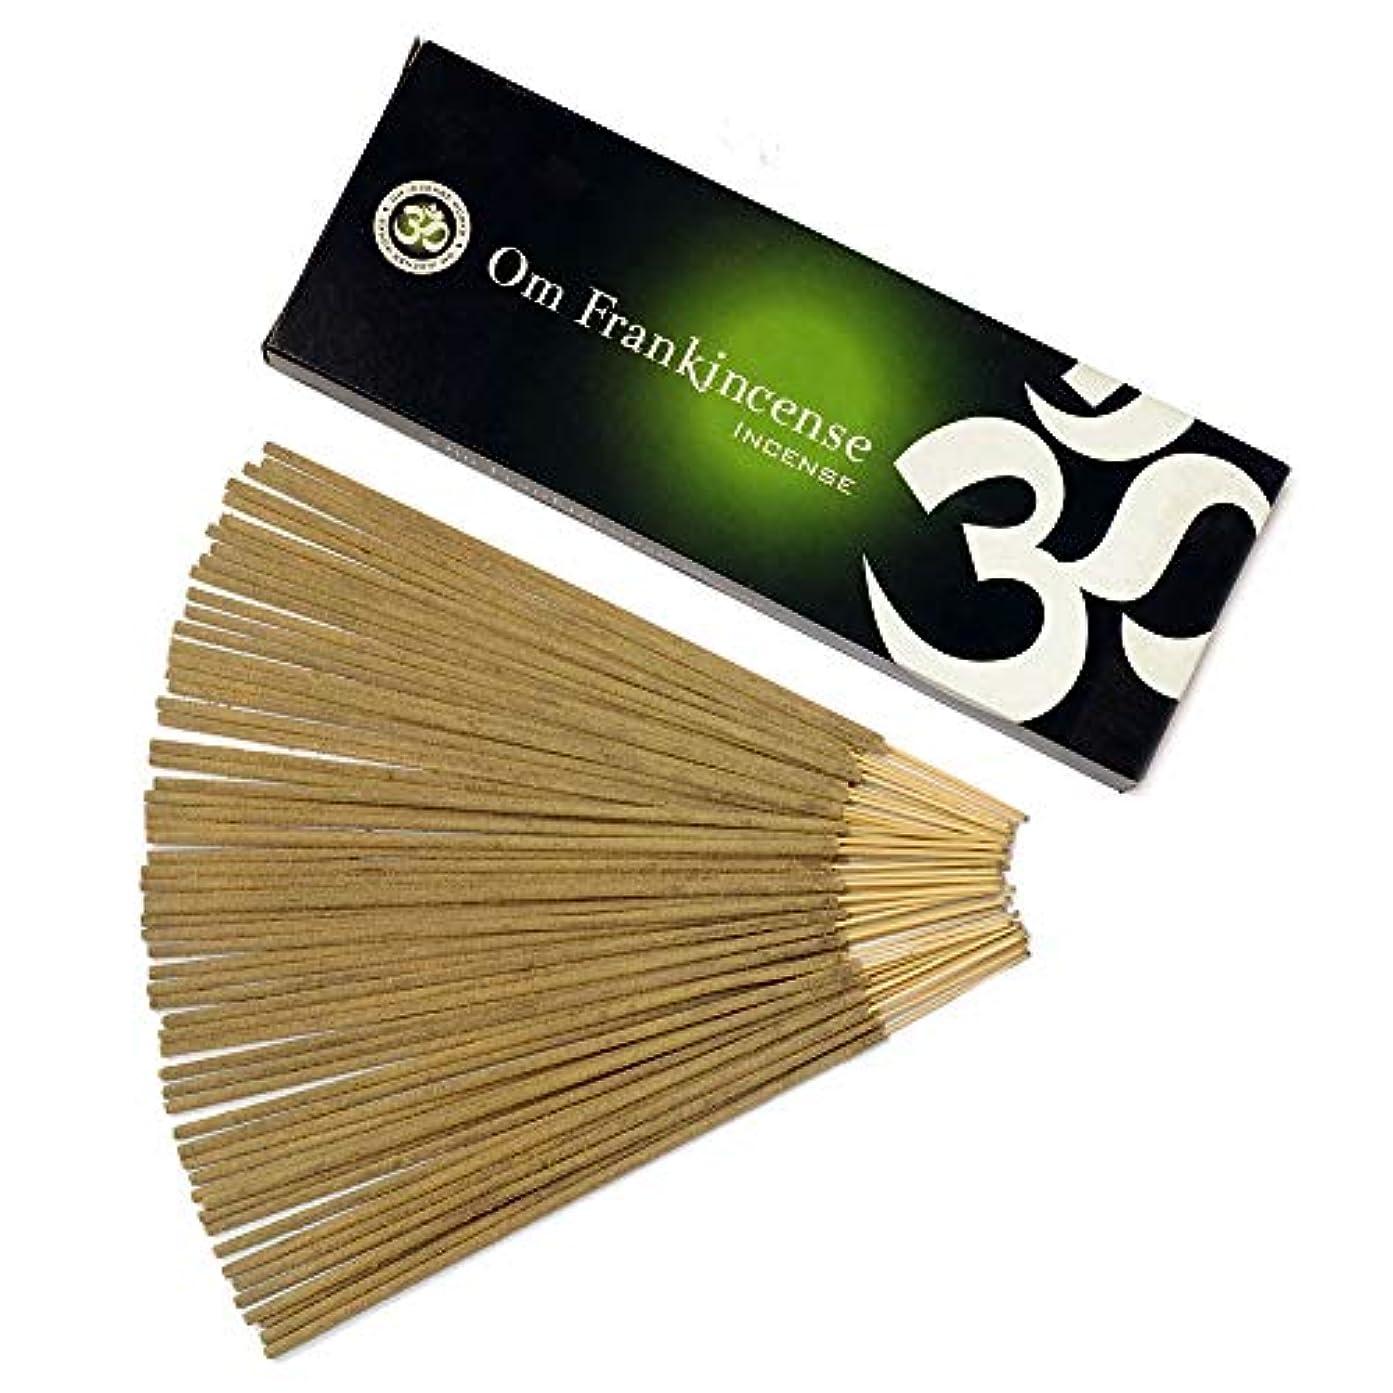 うがい抜本的なイデオロギーOm Incense Works Natural Fragrance Incense Sticks 100グラム 709733007101